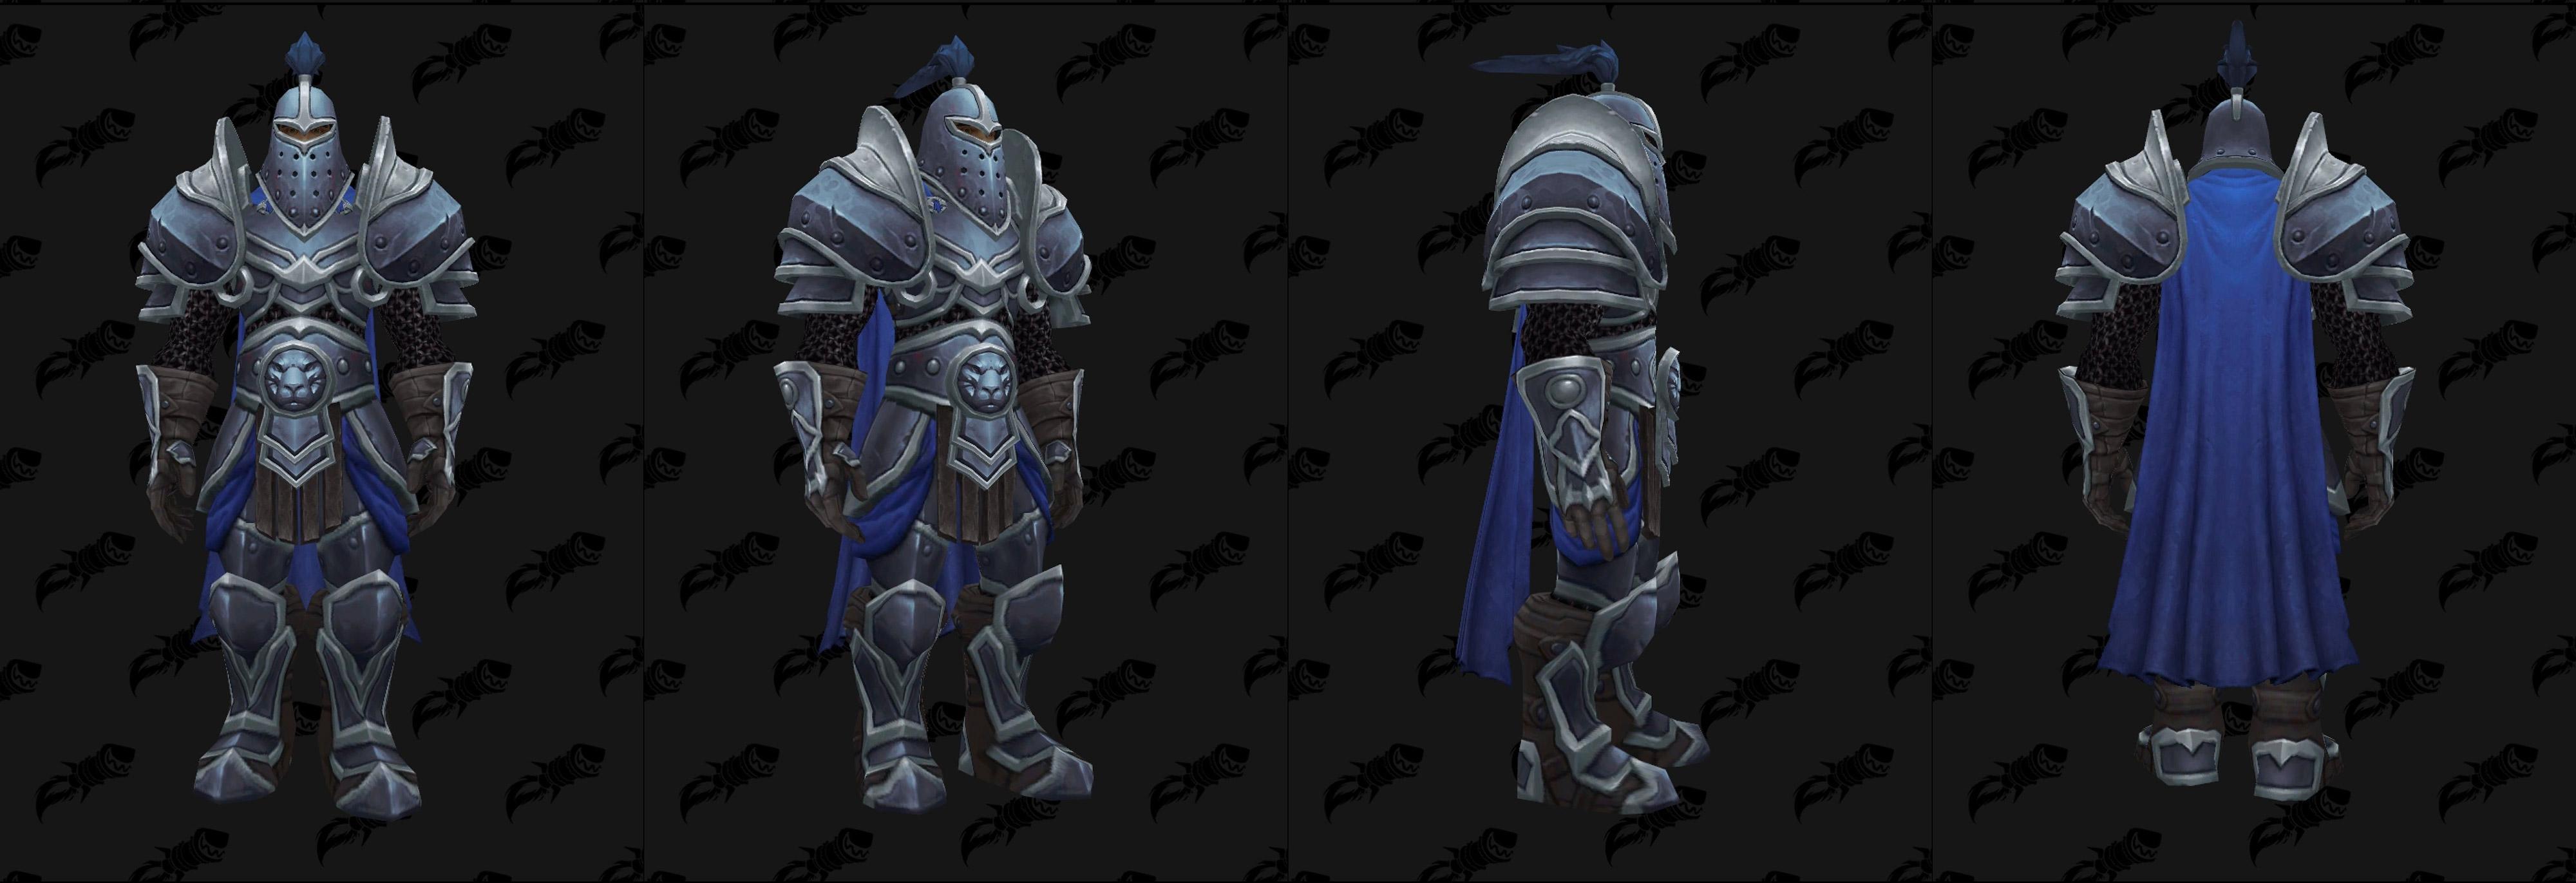 Armures plaques (Alliance) - Fronts de guerre Tier 2 - Coloris 3